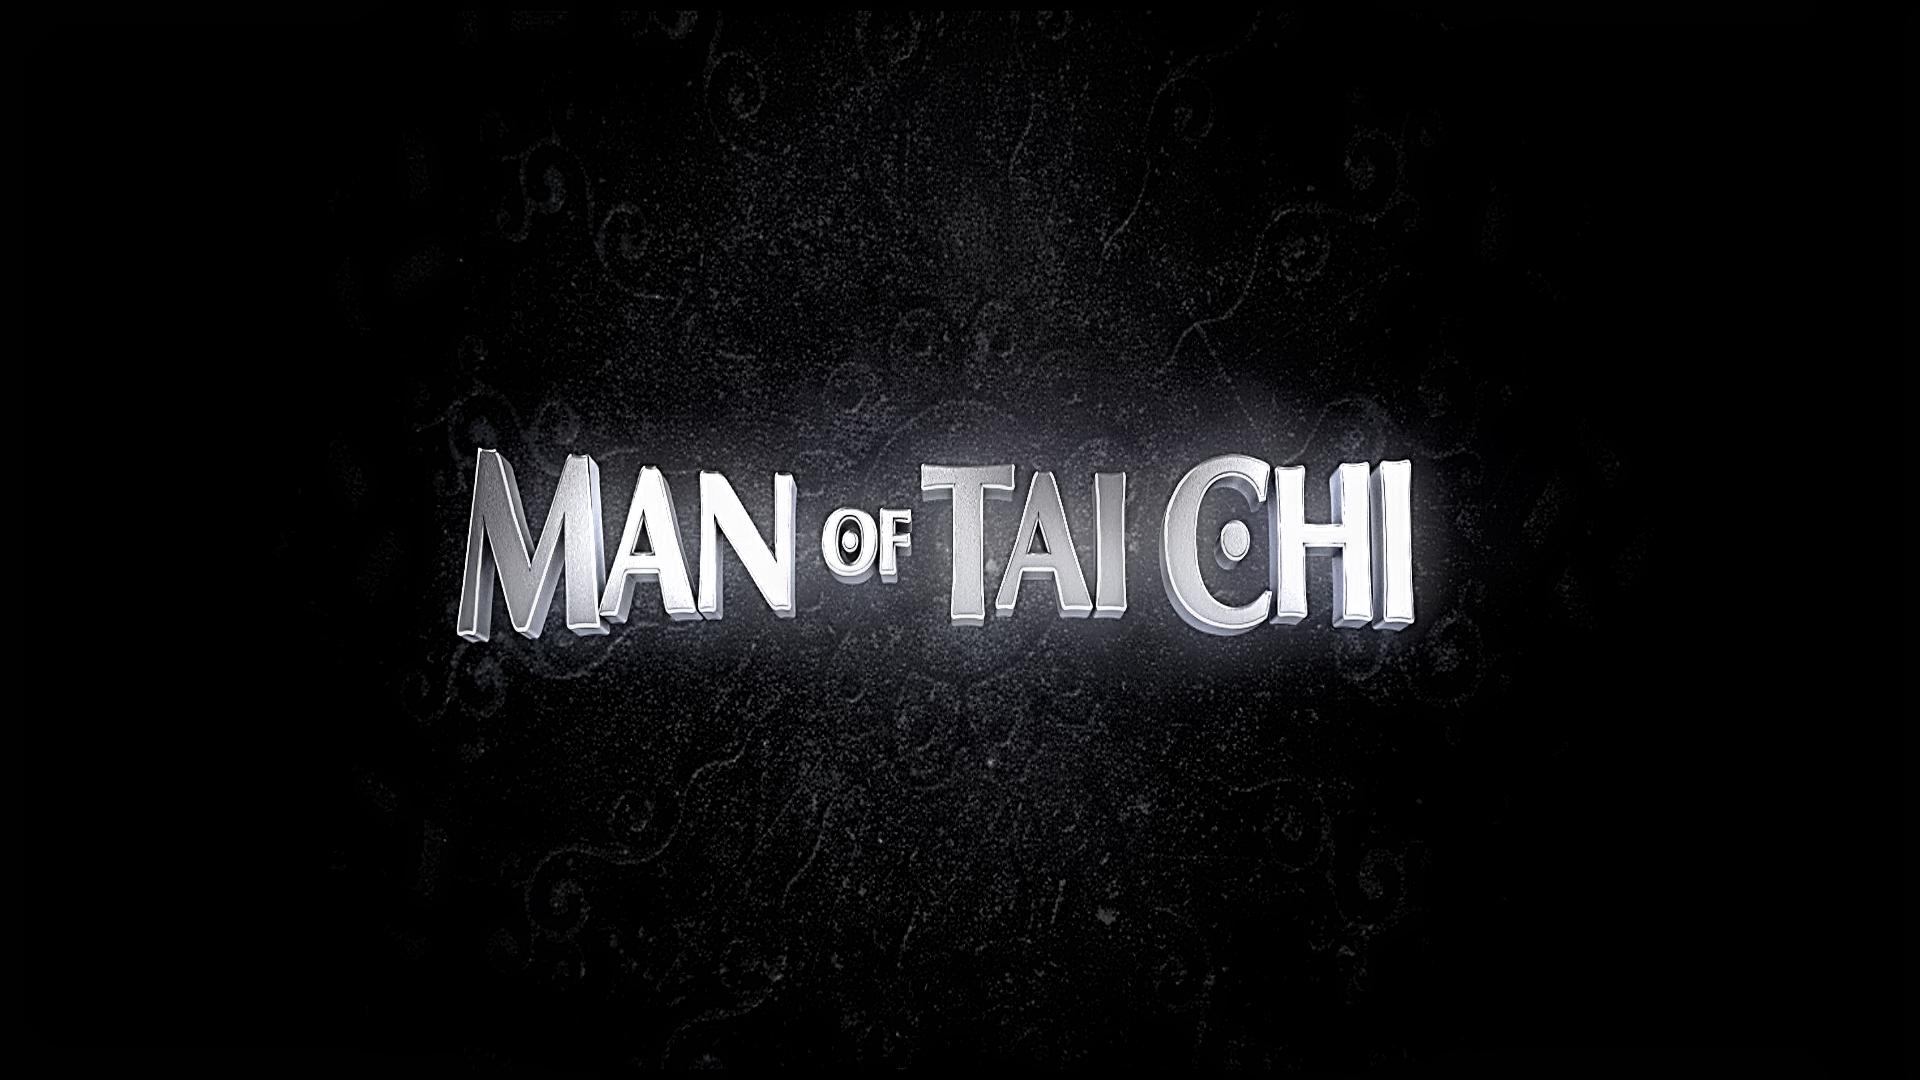 Tai Chi Wallpaper - WallpaperSafari